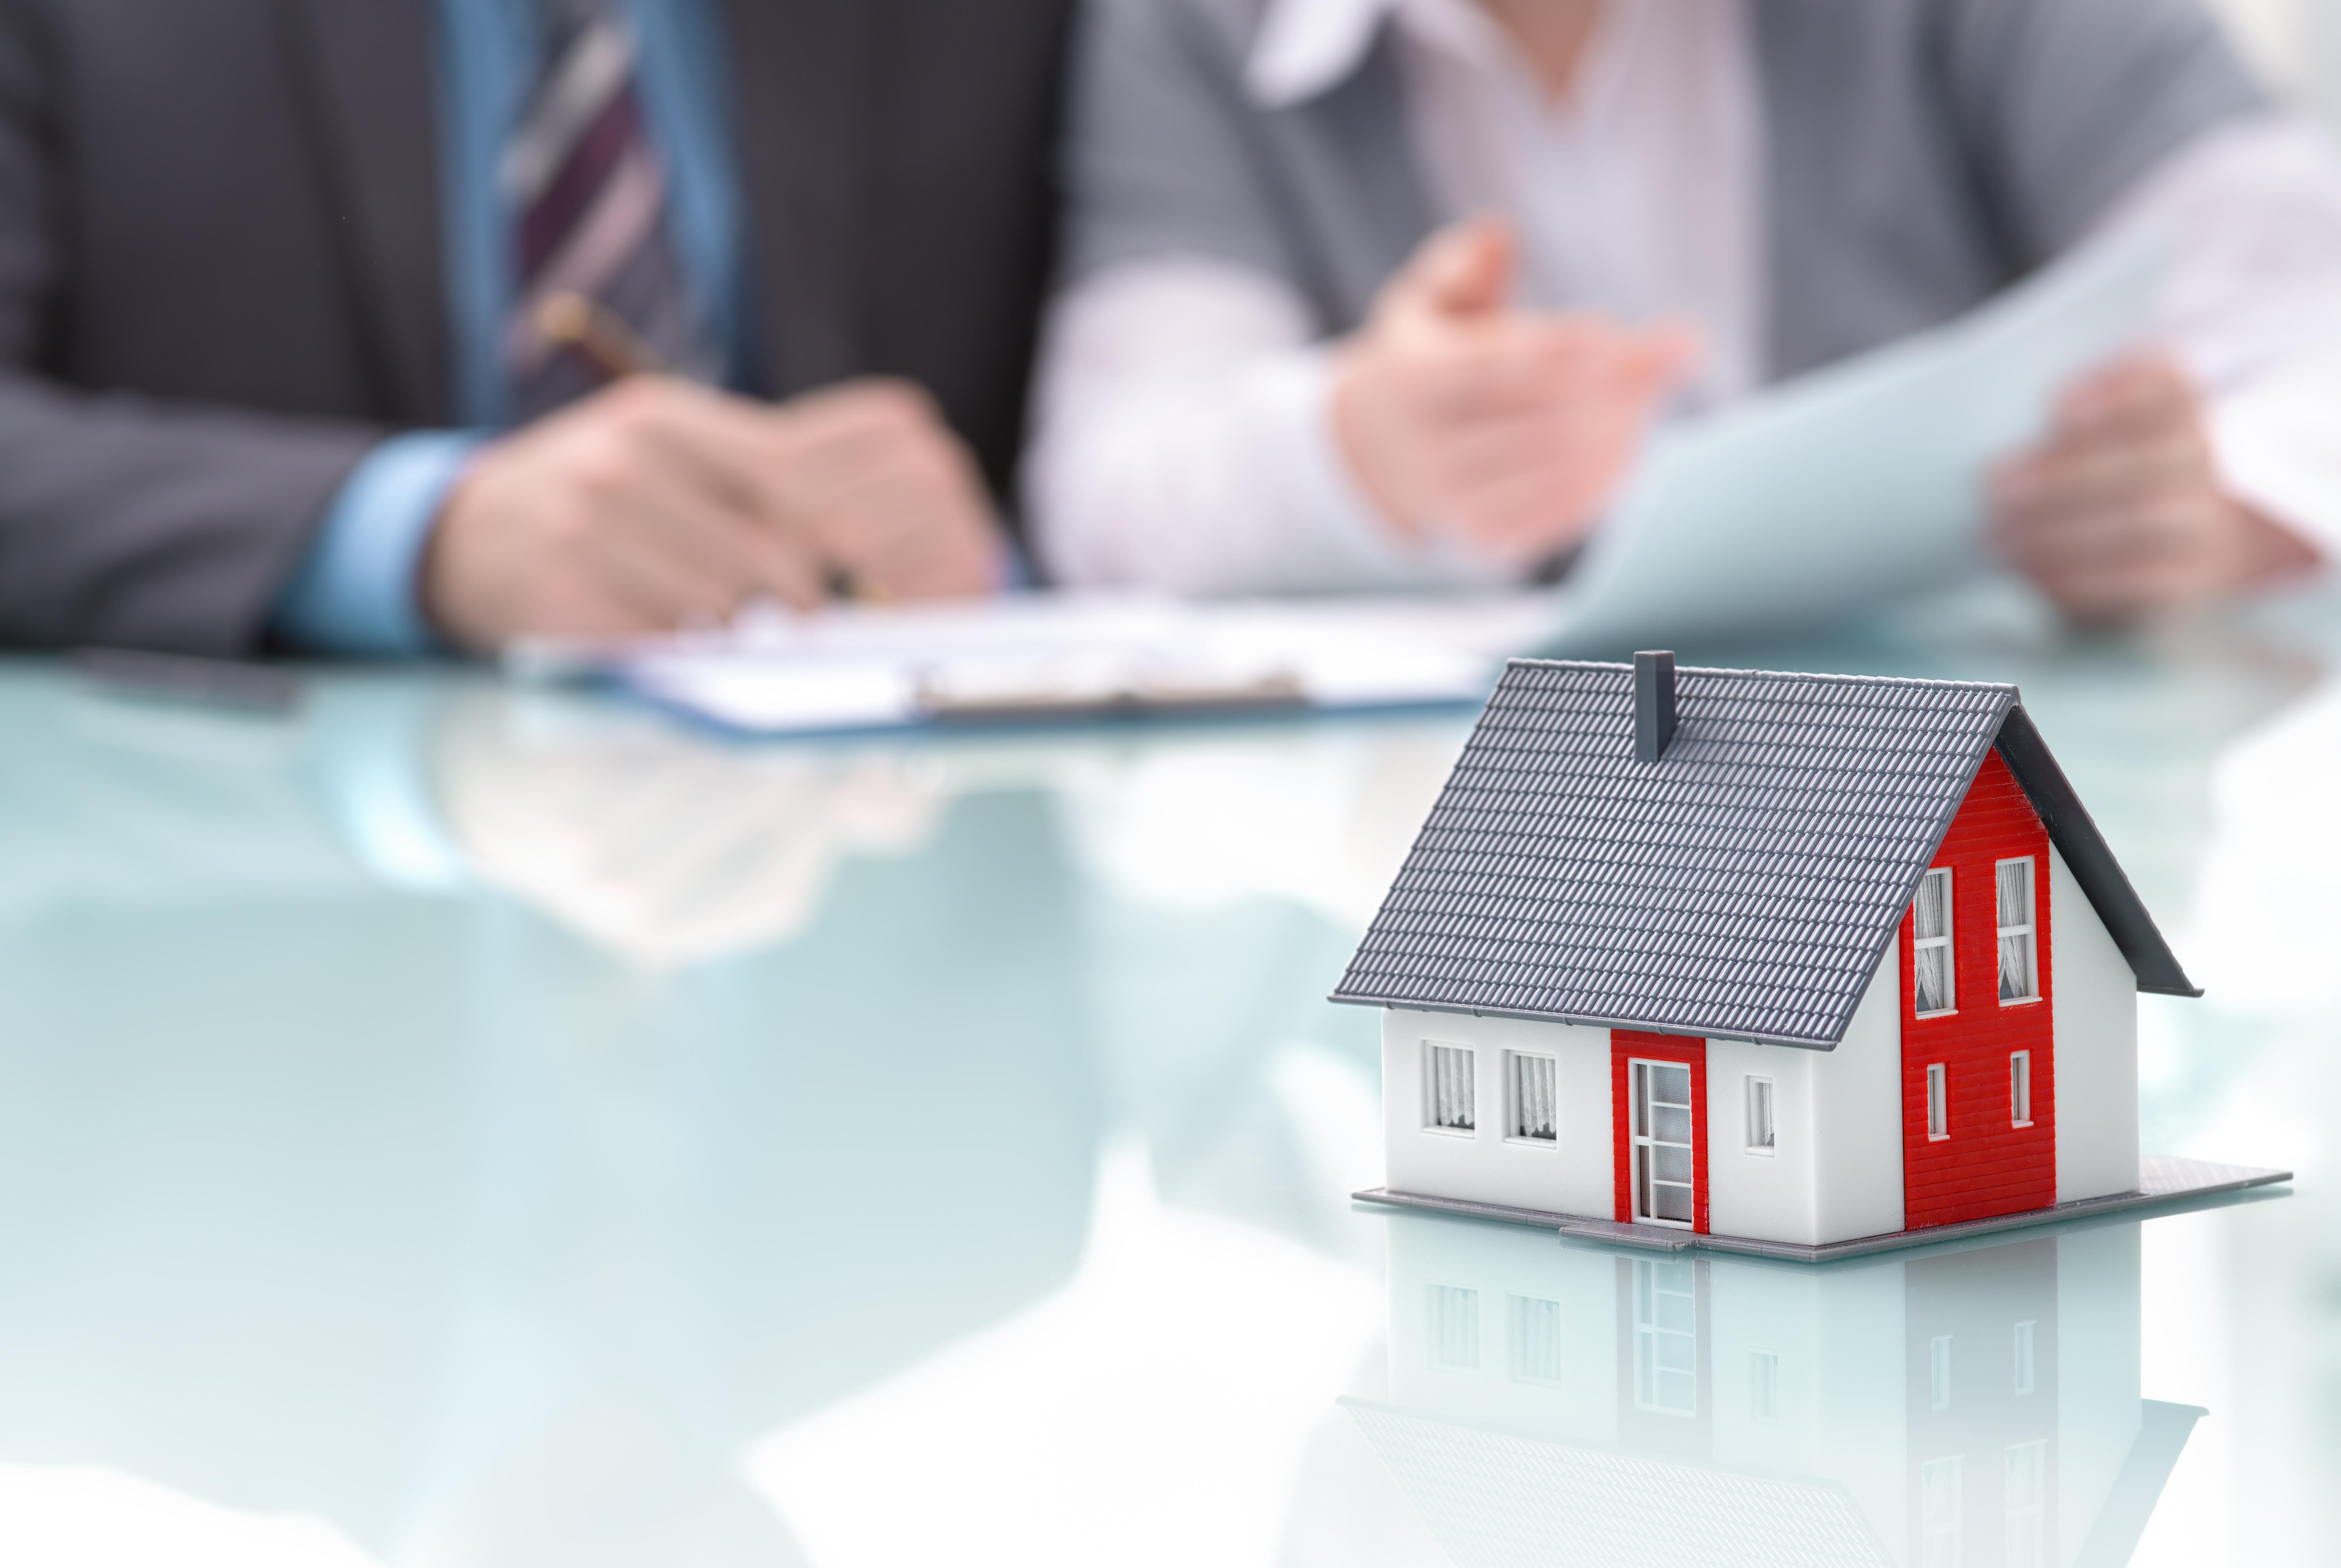 La inversión inmobiliaria bate récords en 2015